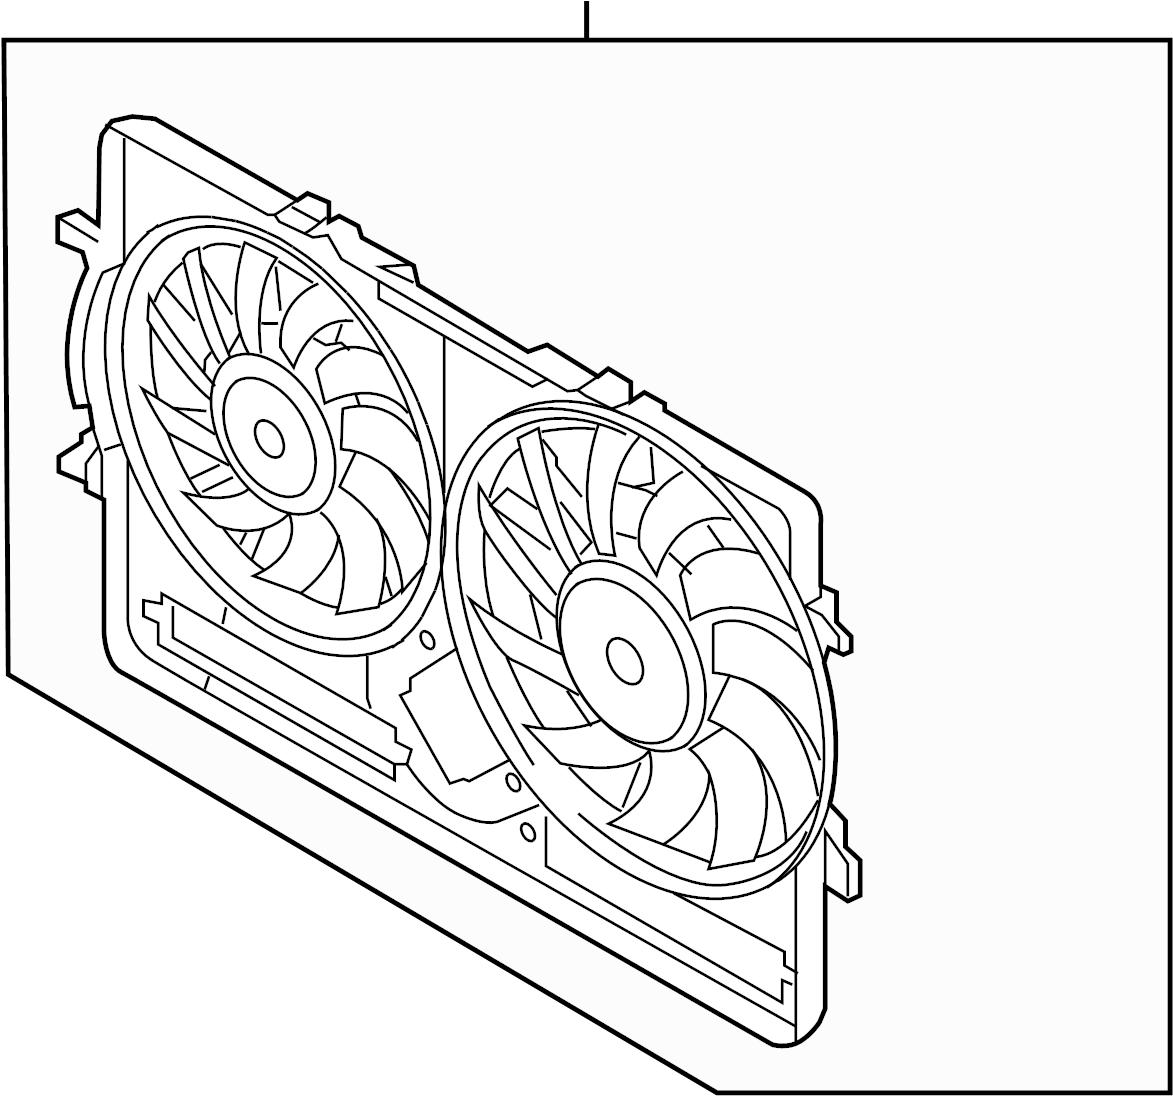 Audi Sq5 Dual Fan Cowl